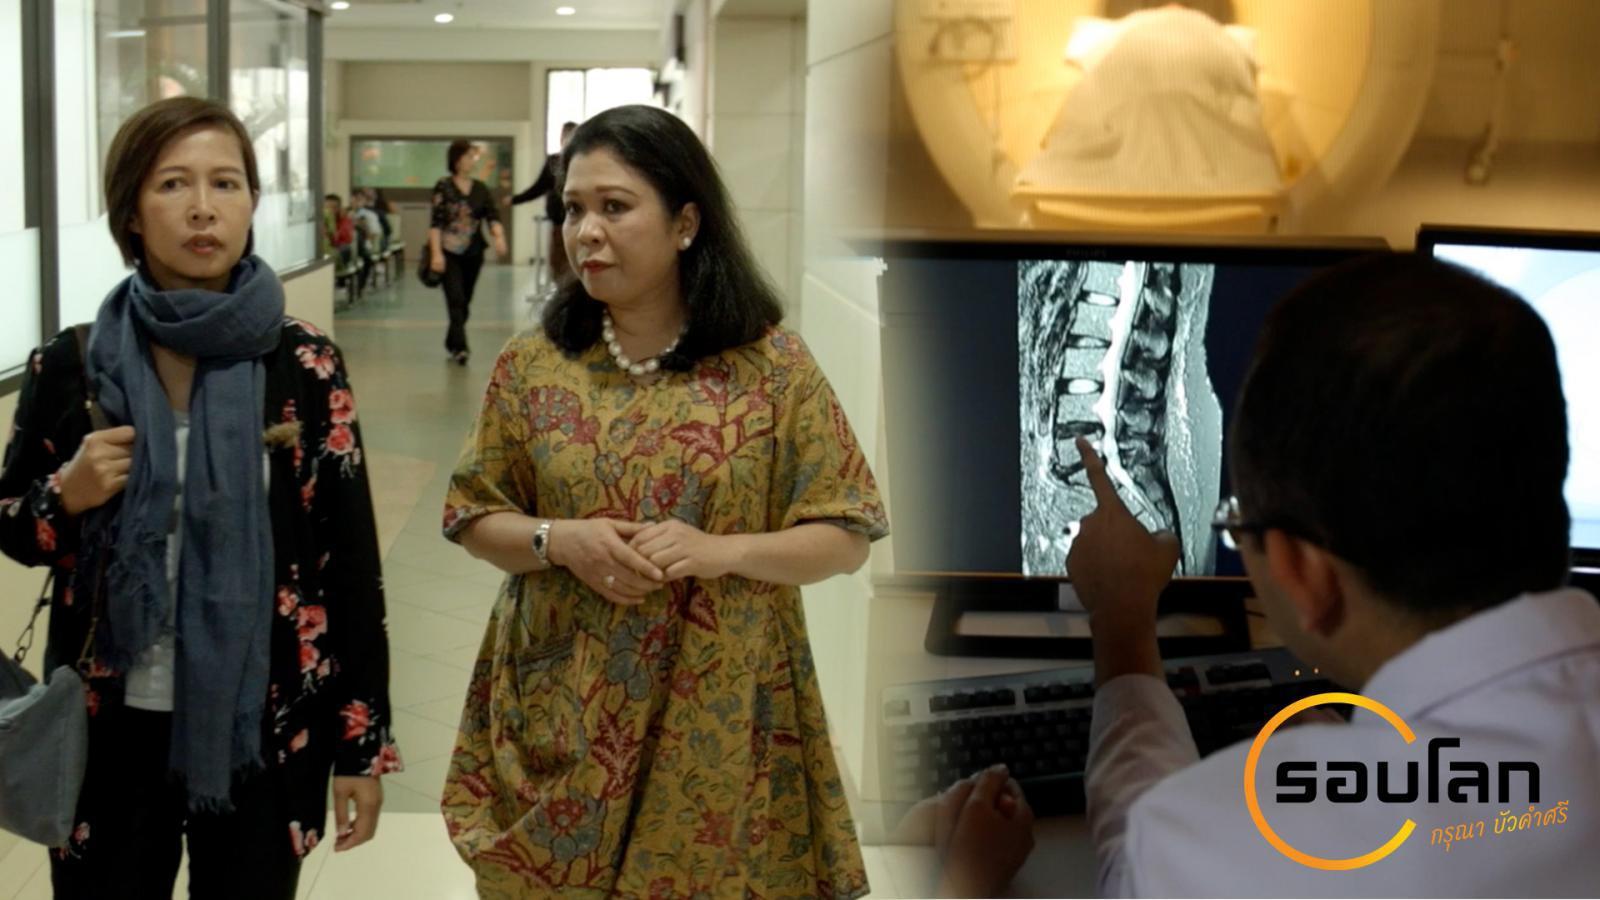 อะไรทำให้ประเทศไทยเป็นจุดหมายหลัก ที่คนอินโดนีเซียเลือกเดินทางมารักษาโรค